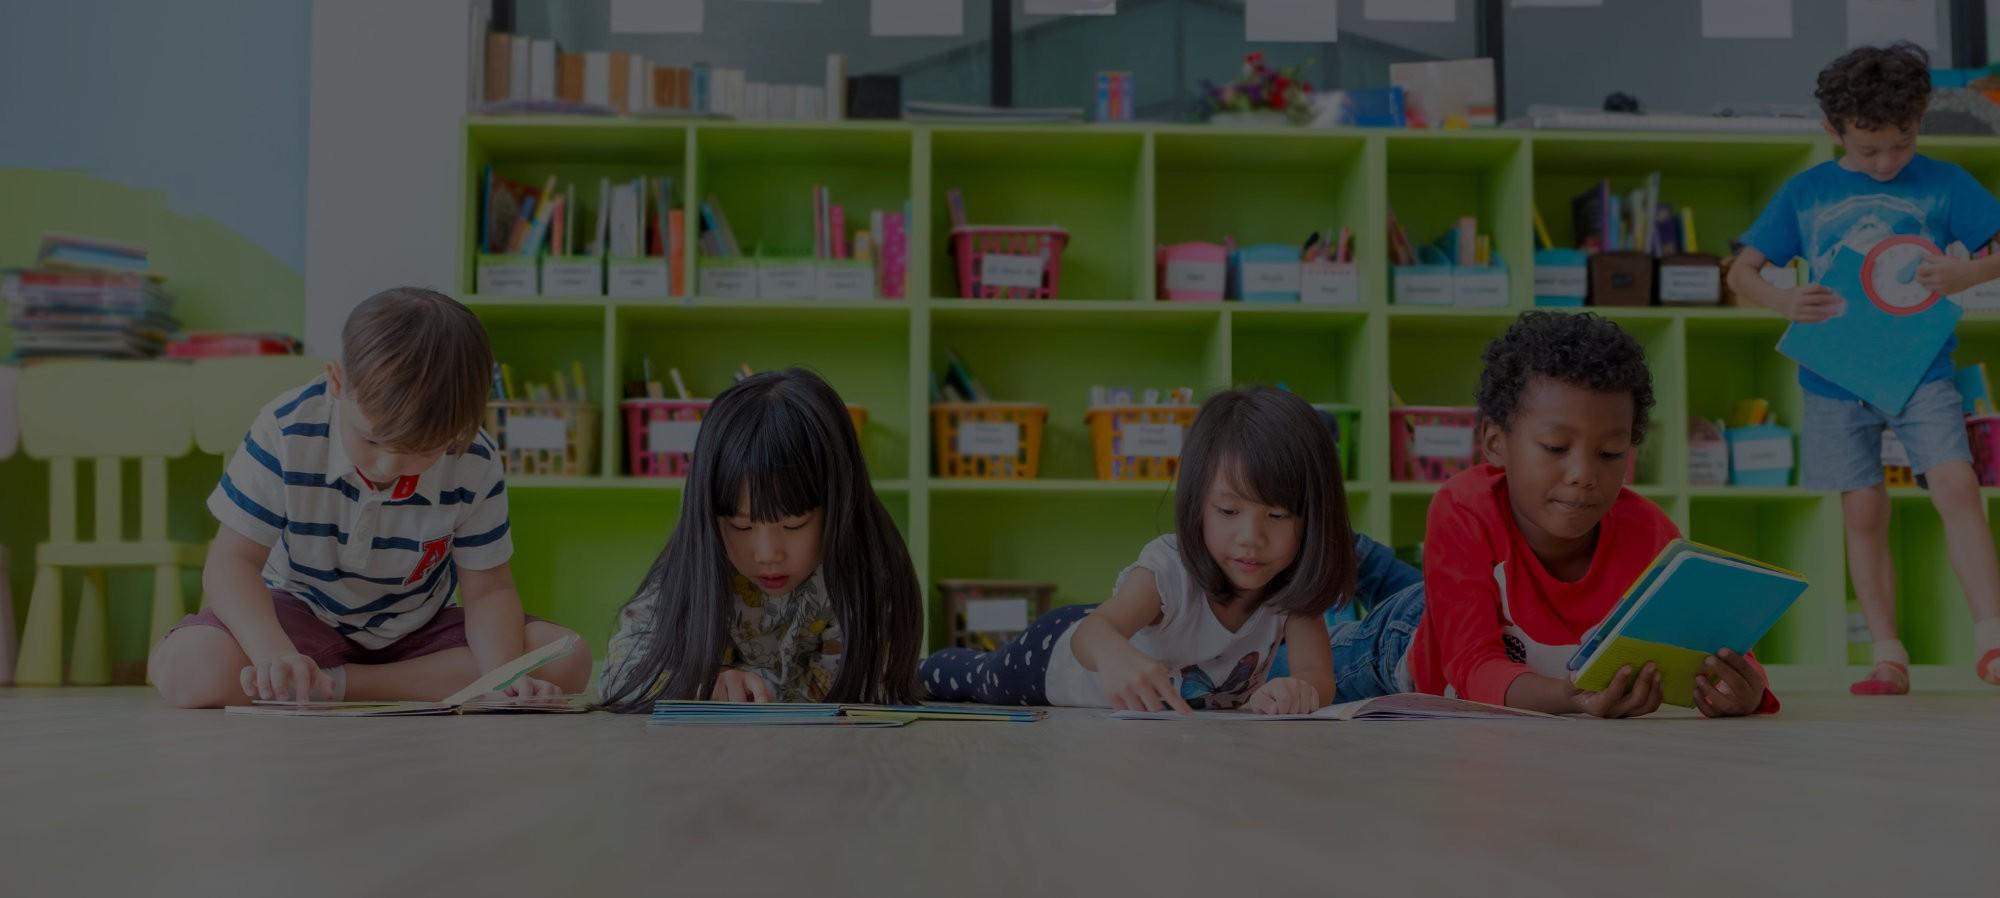 - 國泰建設文教基金會